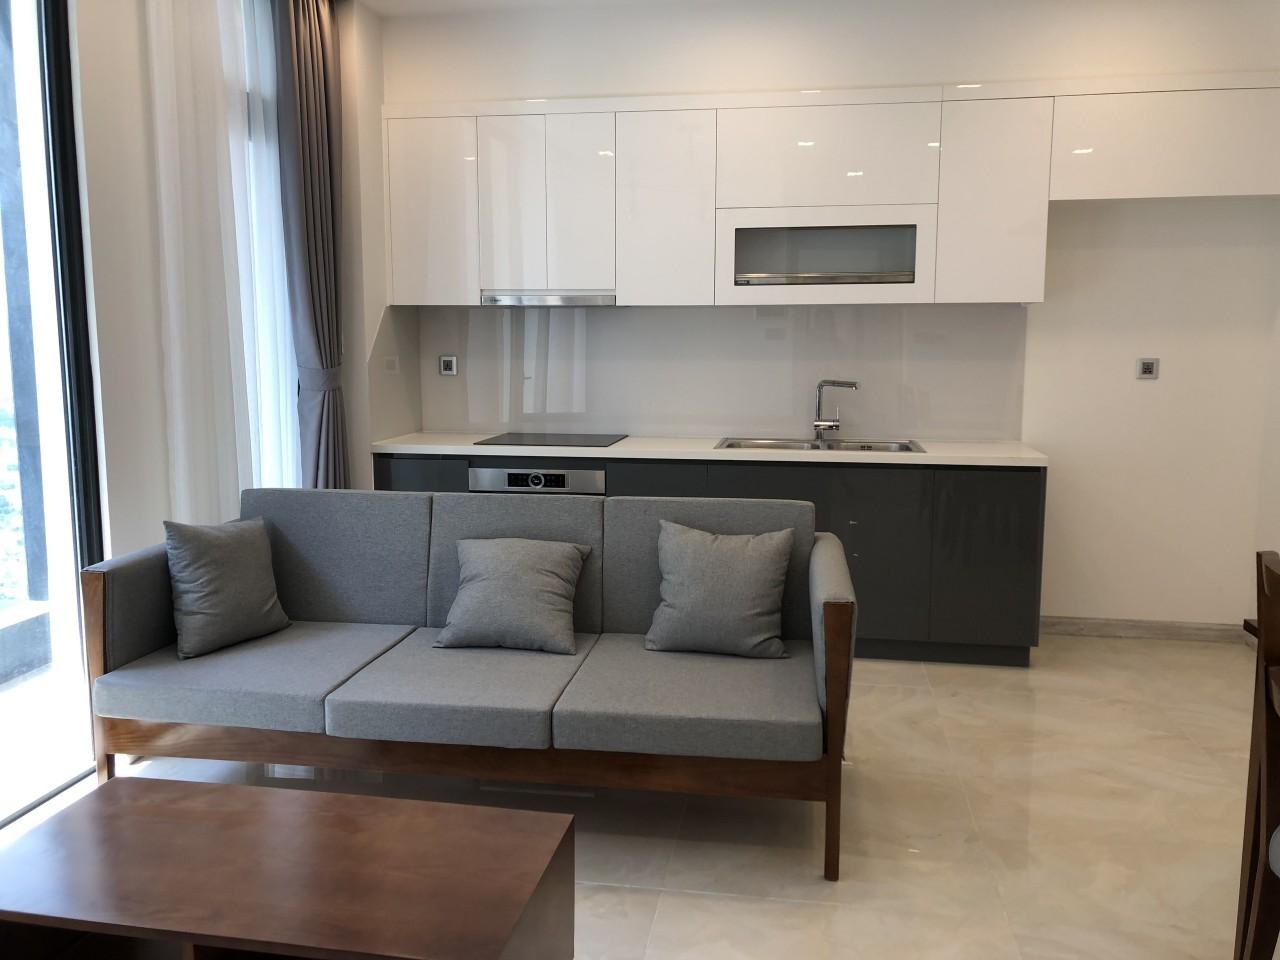 Cho thuê 2 phòng ngủ Vinhomes Golden river - ID 010109